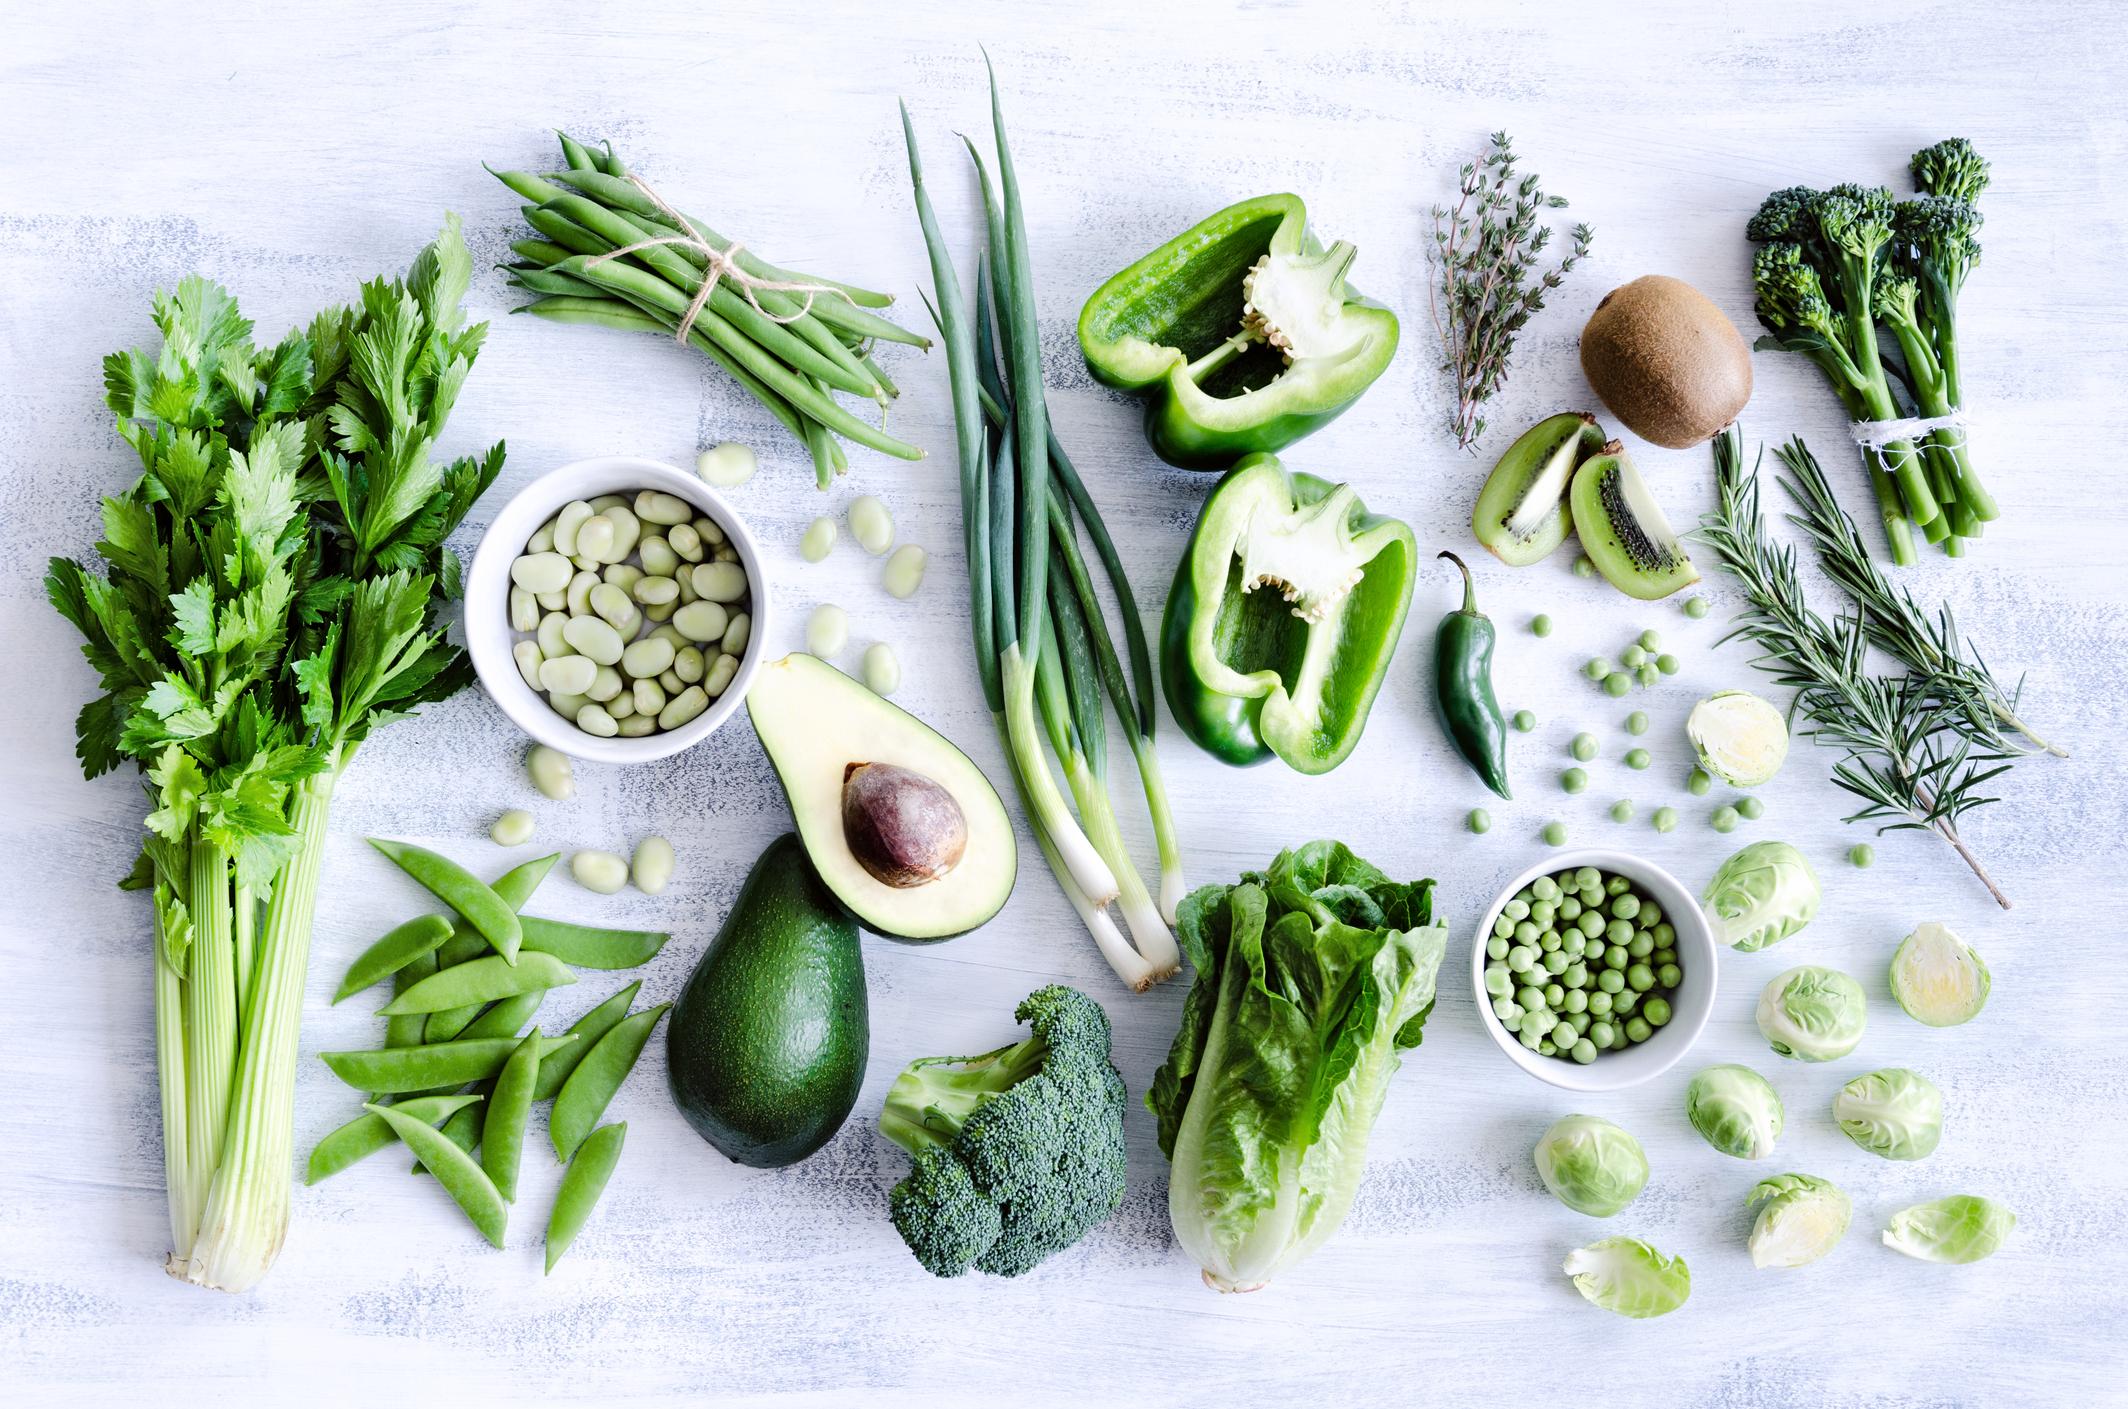 2. Leafy Greens -